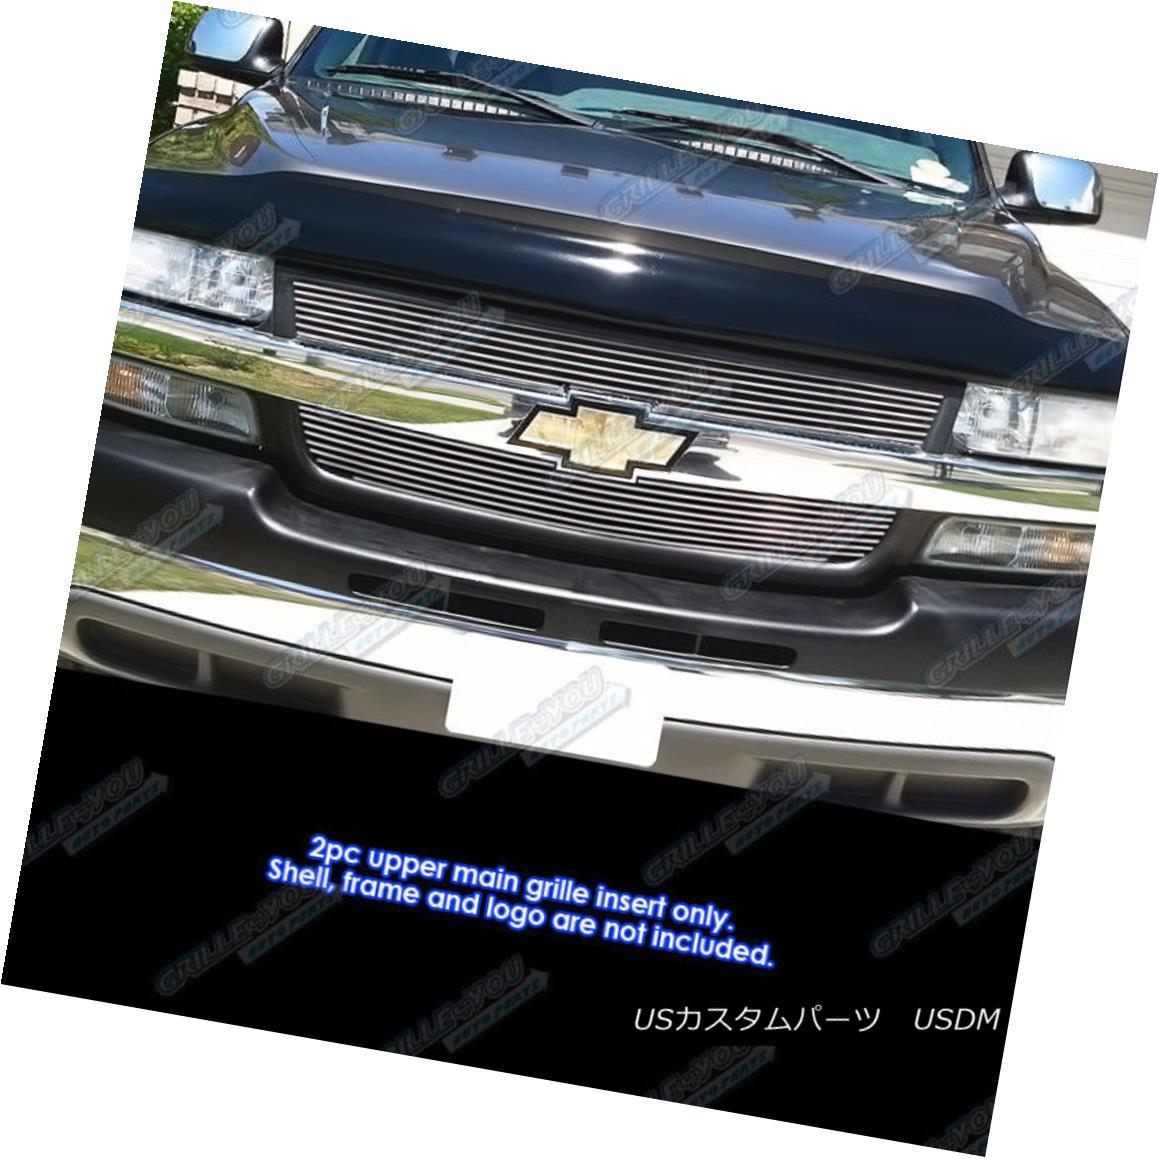 グリル Fits 01-02 Chevy Silverado 2500/3500 Main Upper Billet Grille Insert フィット01-02 Chevy Silverado 2500/3500メインアッパービレットグリルインサート